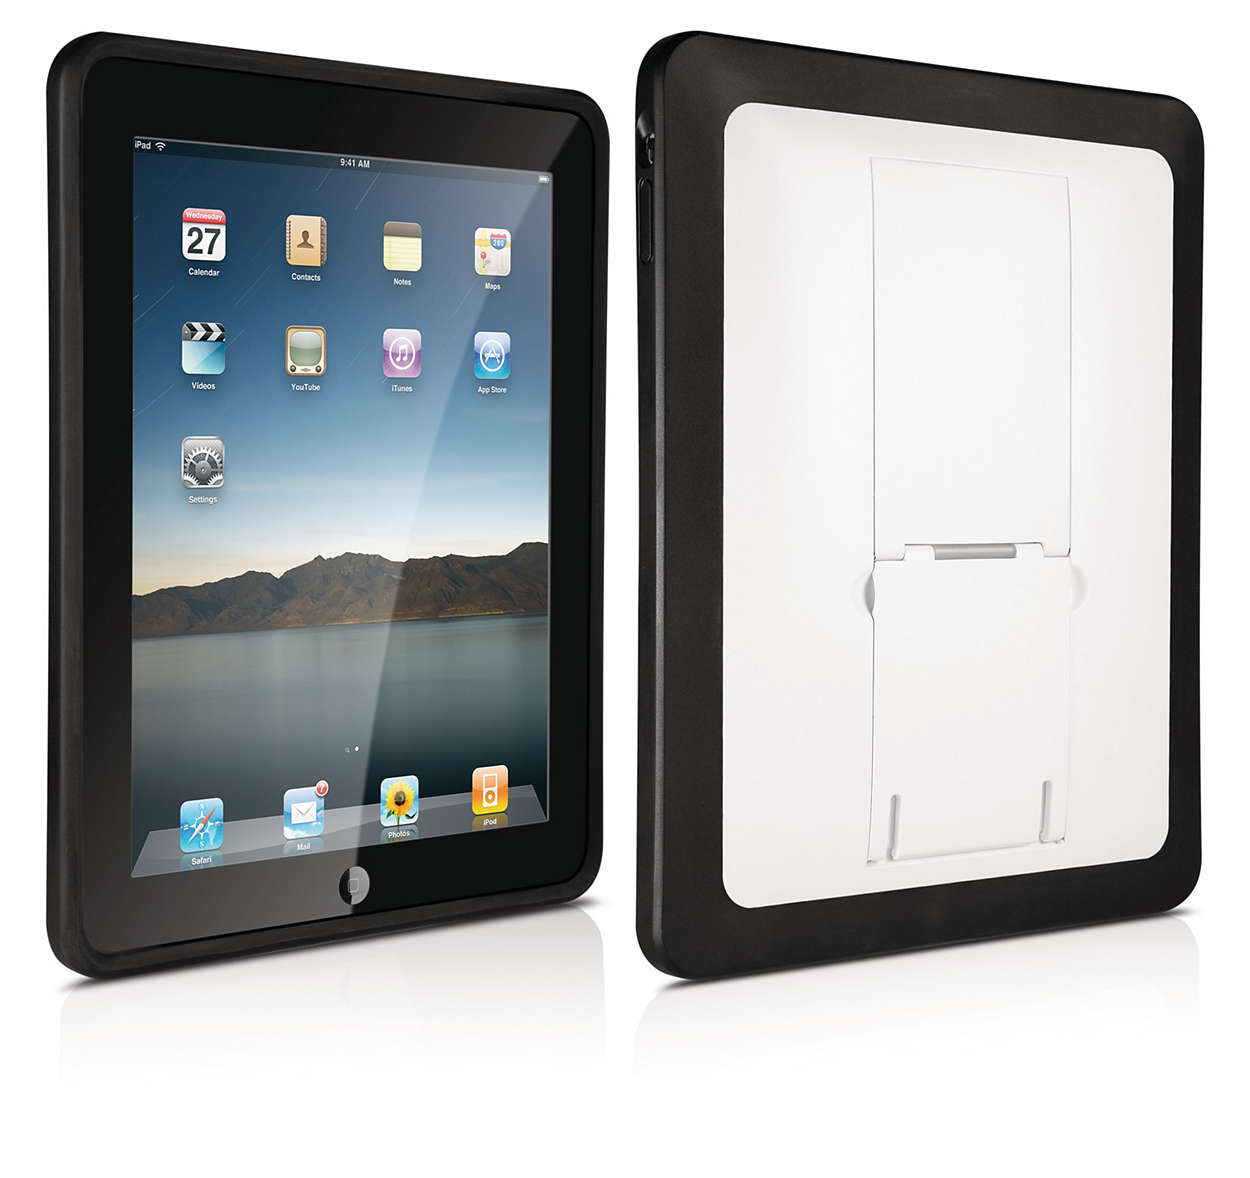 Chroń urządzenie iPad w twardym futerale